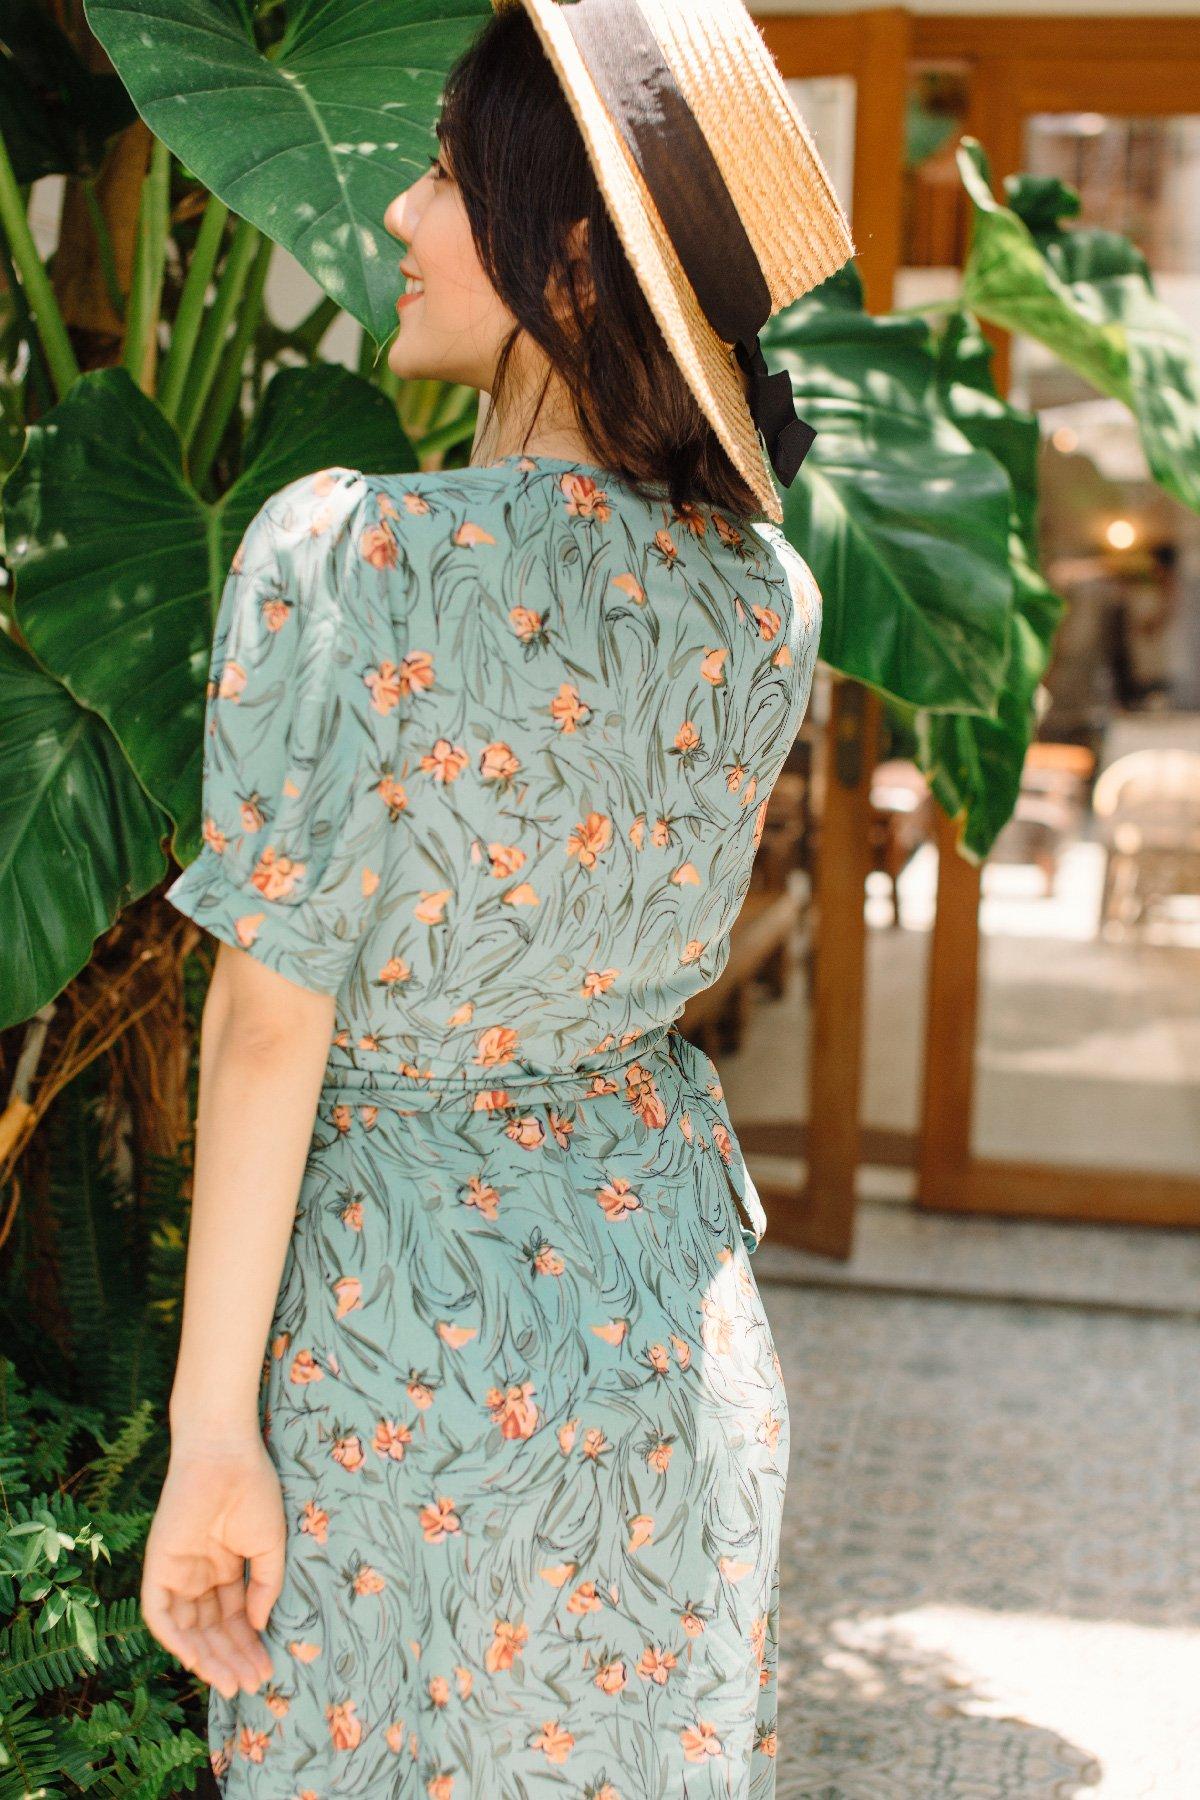 Đầm tay phồng chắp tà hoa cam Orange Floral Dress